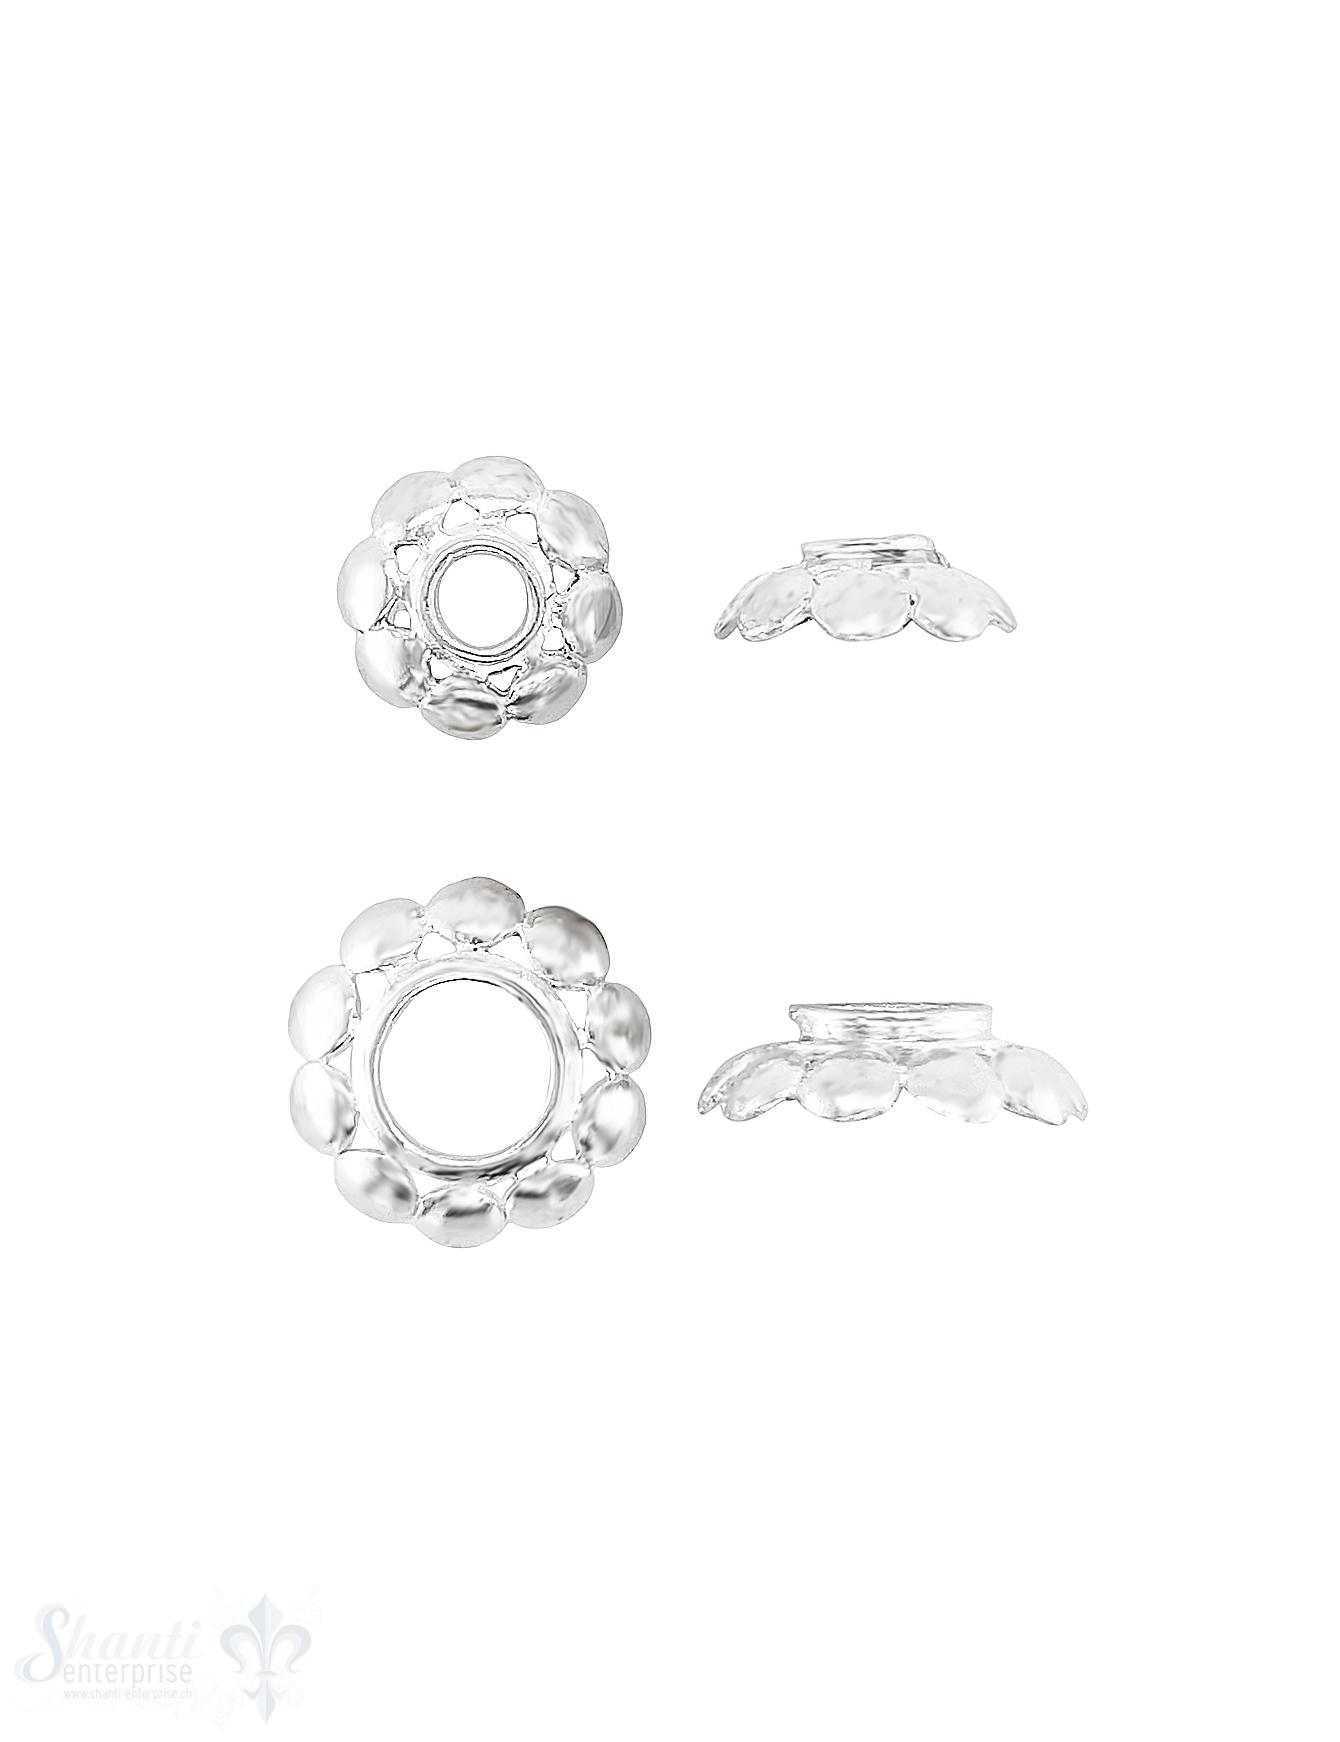 Blumen Perlkappe 8-blättrig bombiert mit Rand durchbrochen Silber 925 poliert